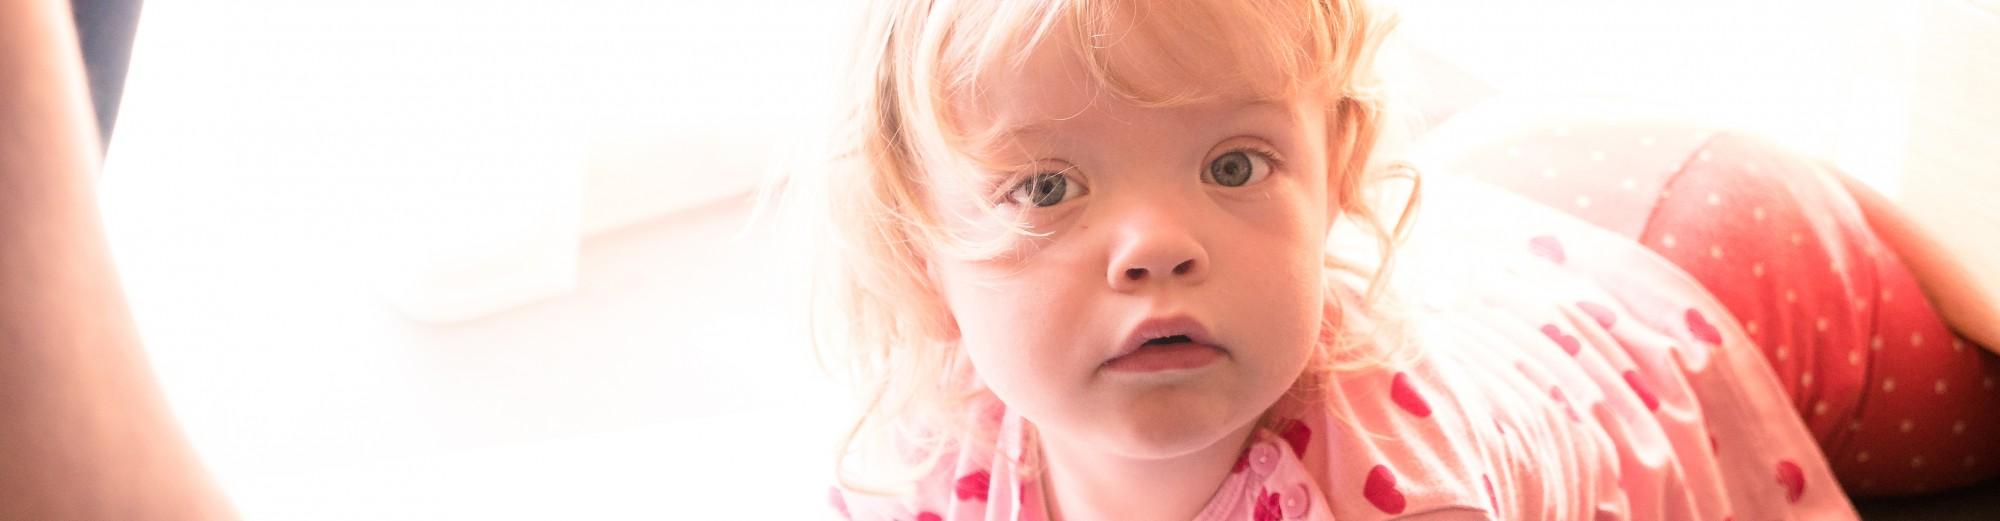 Ein kleines Mädchen in der Kinderbetreuung